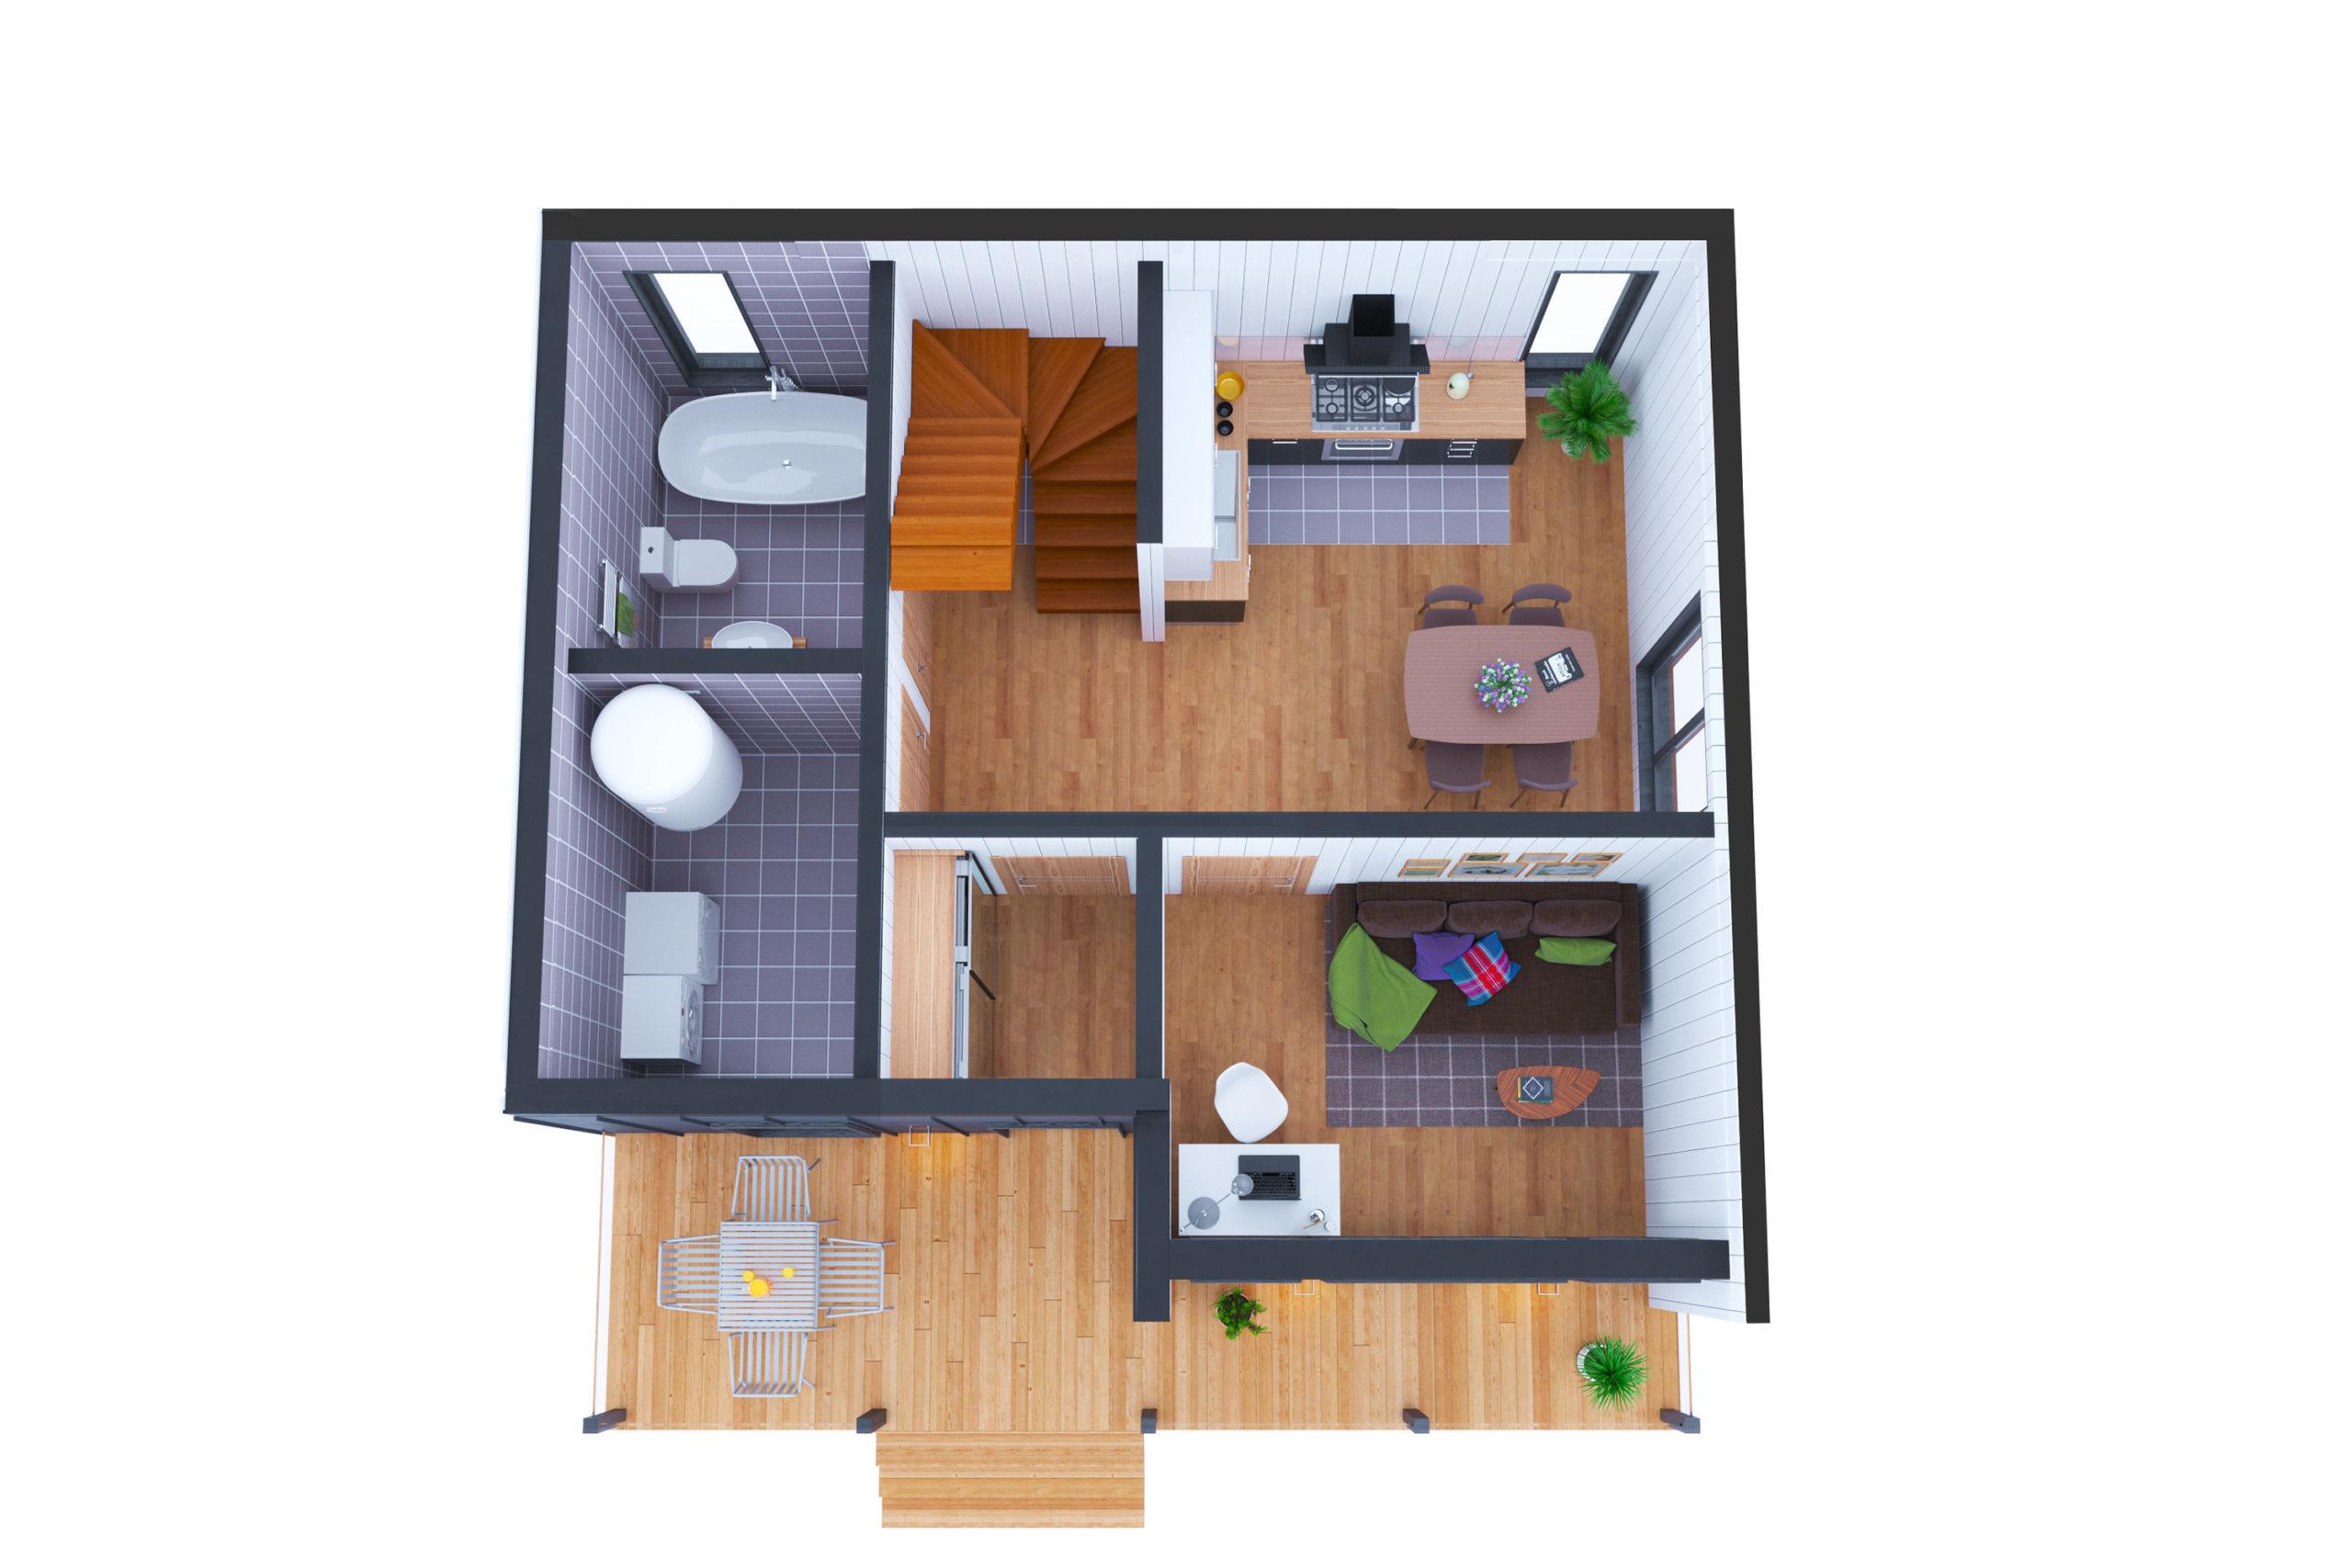 Планировка дома Шамплейн (Shamplain) – фото 1